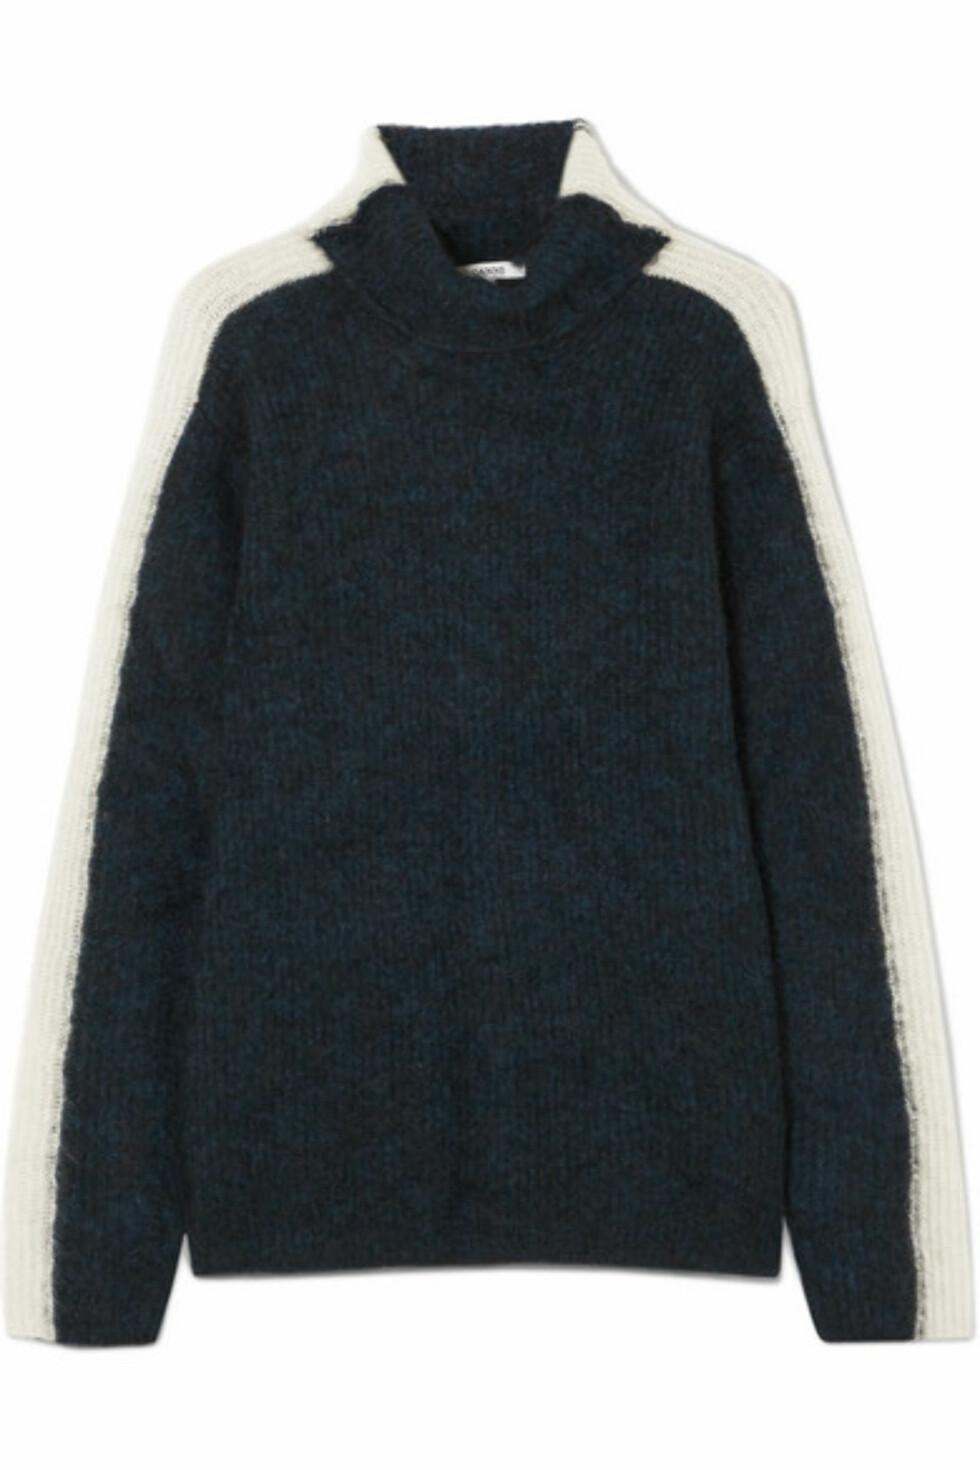 Genser fra Ganni  2290,-  https://www.net-a-porter.com/no/en/product/984610/ganni/evangelista-striped-knitted-turtleneck-sweater